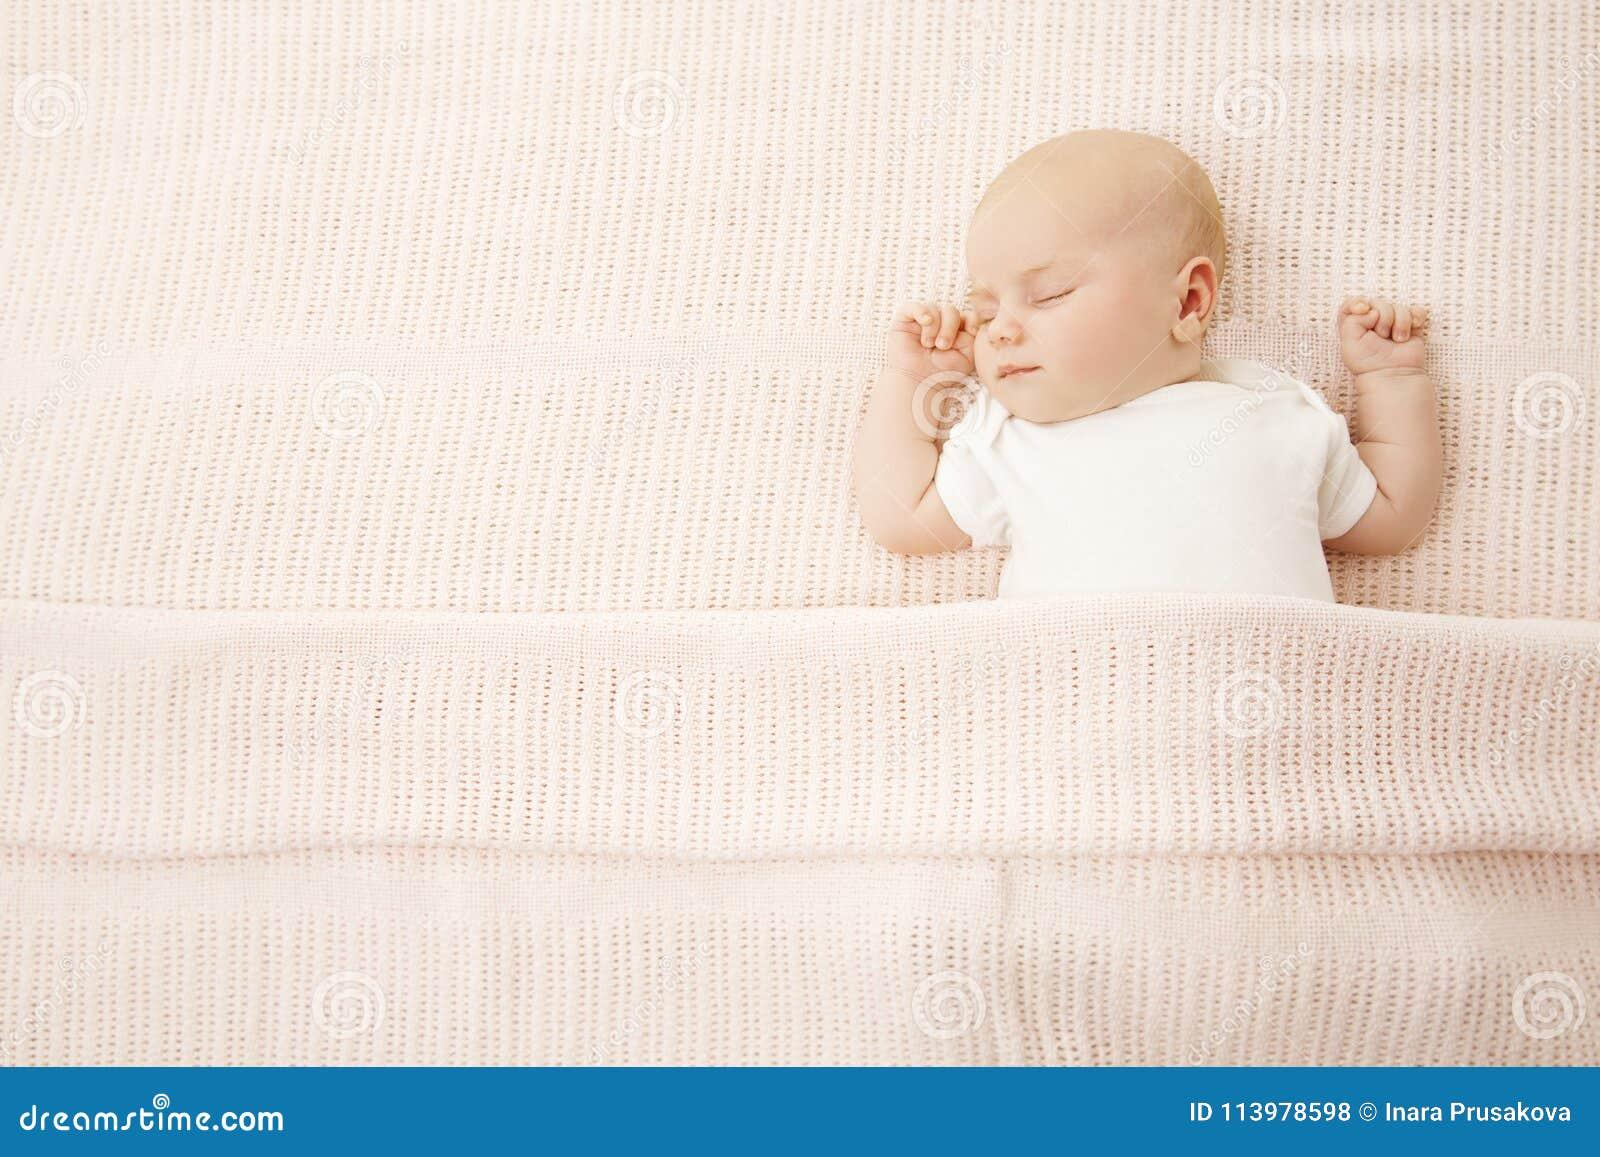 Sono do bebê na cama, cobertura feita malha coberta da criança recém-nascida